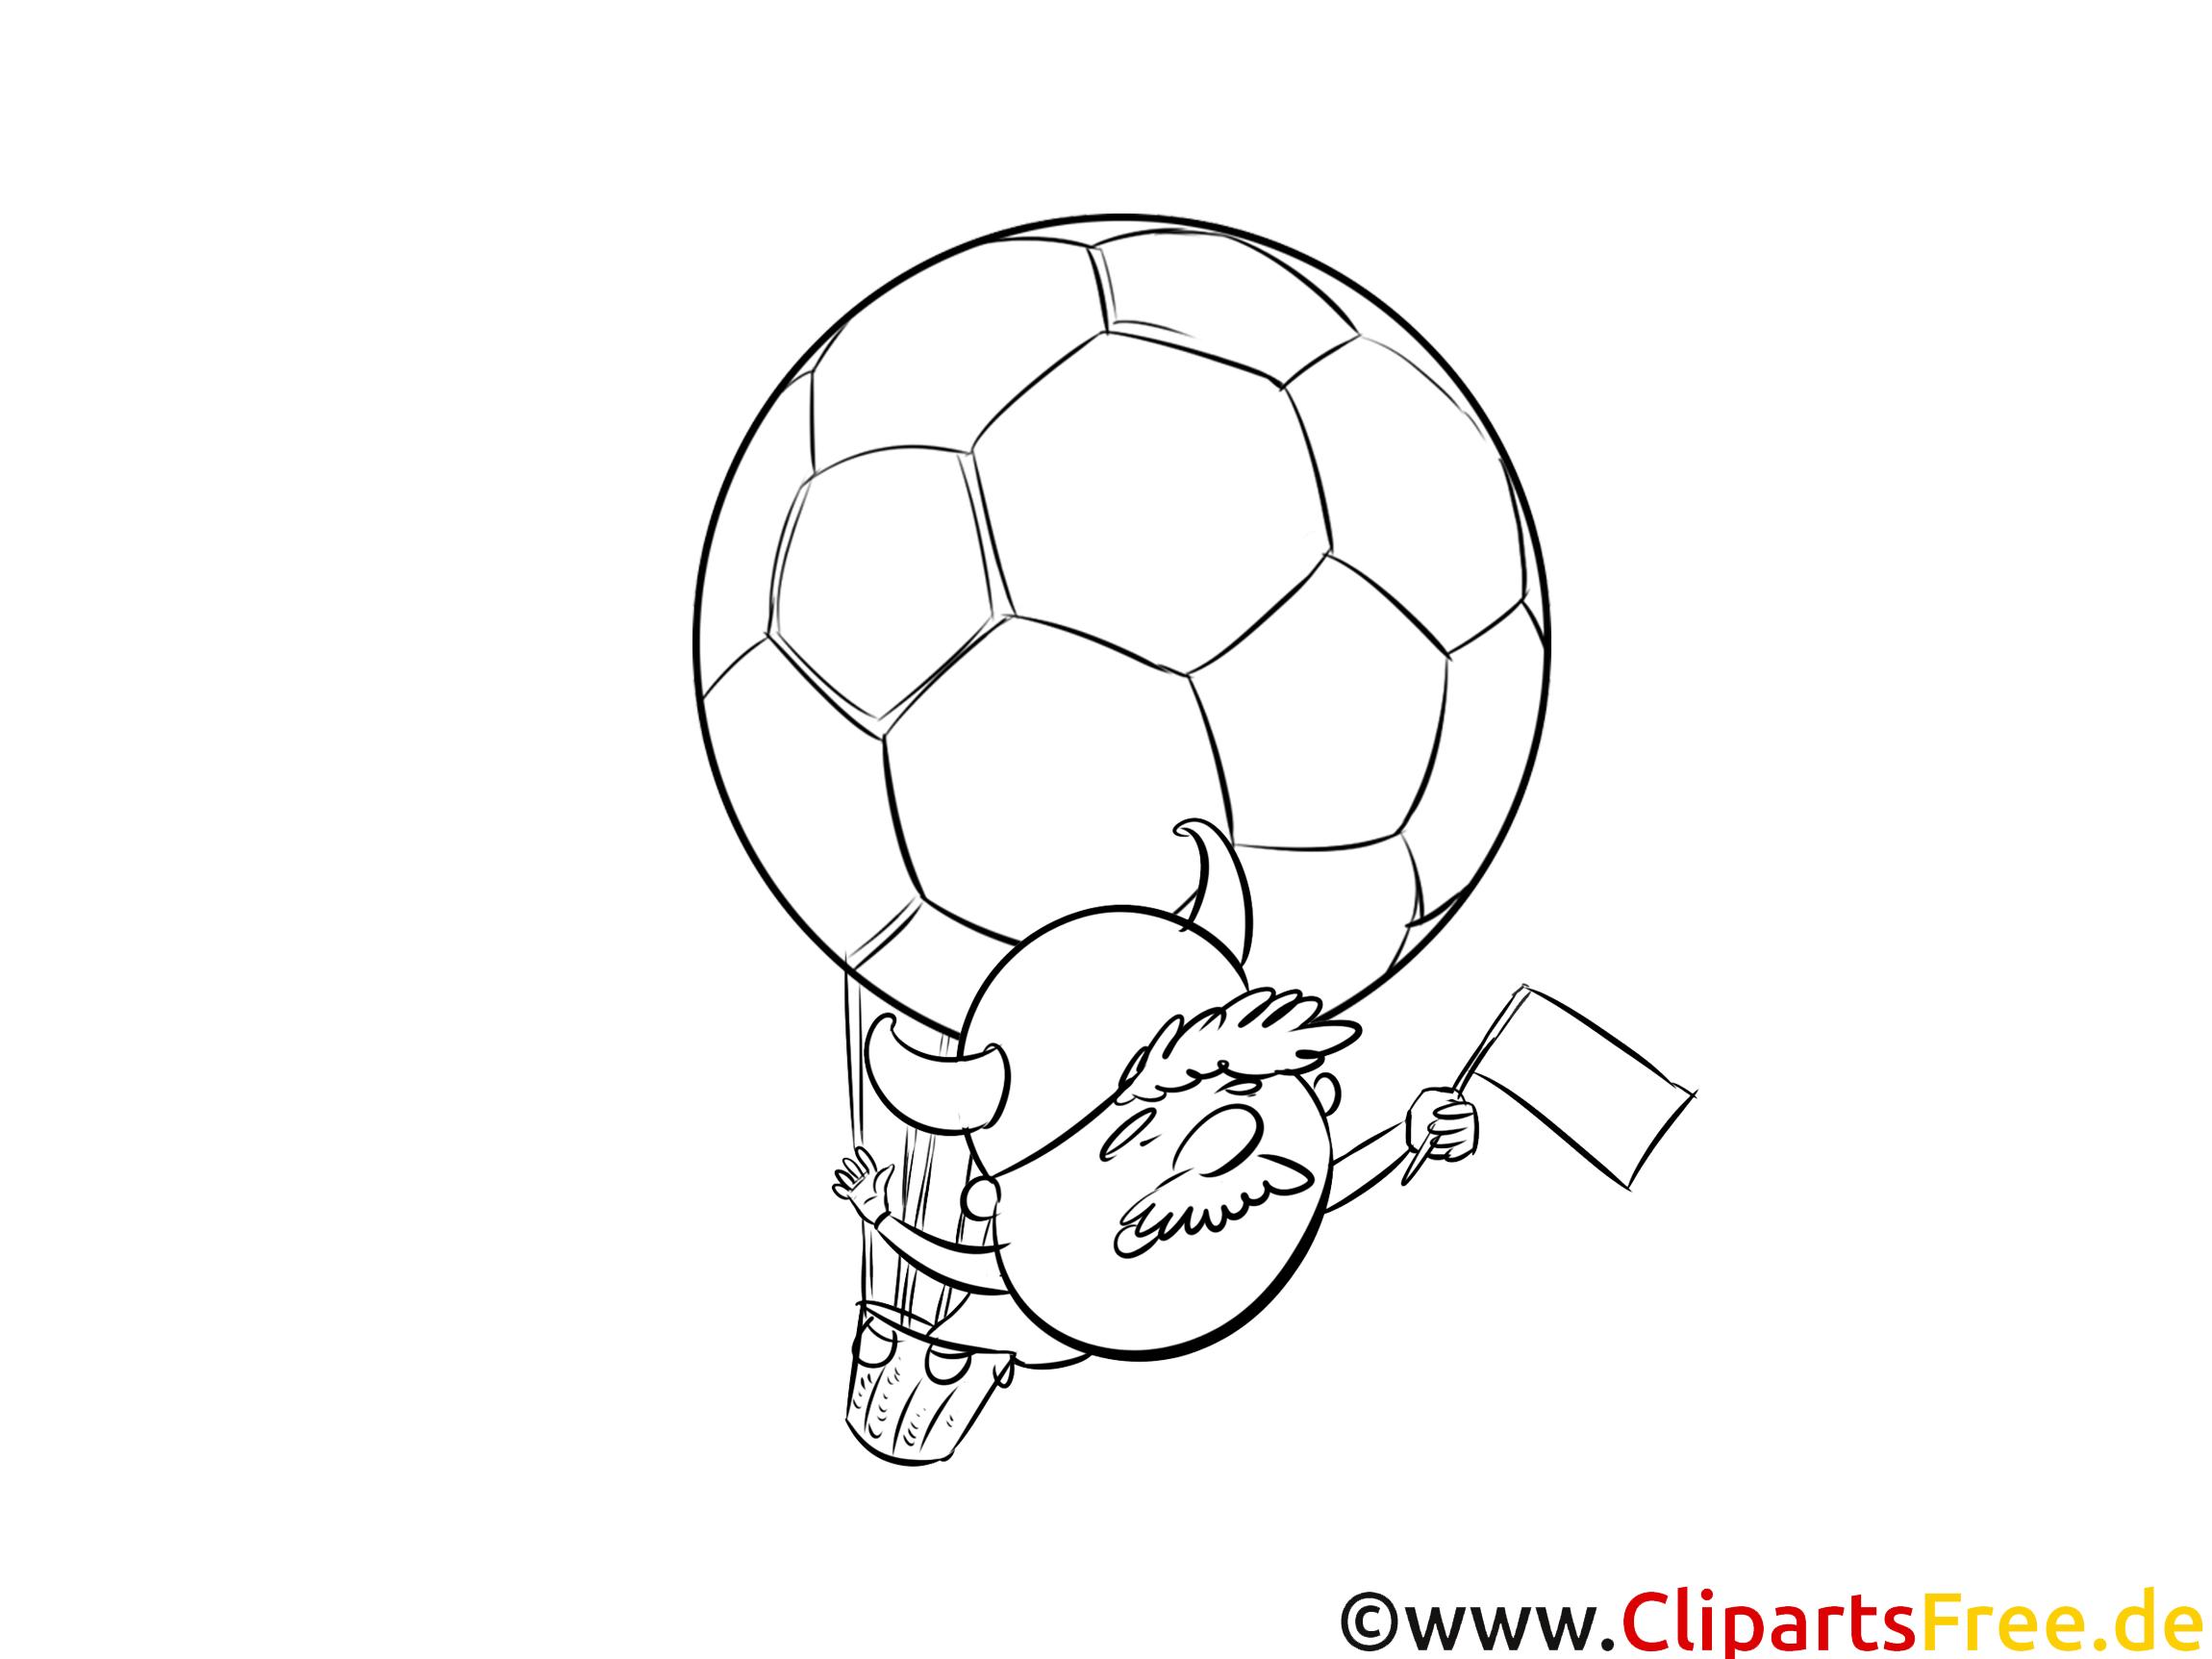 Joueur colorier Albanie Football Soccer gratuit Image